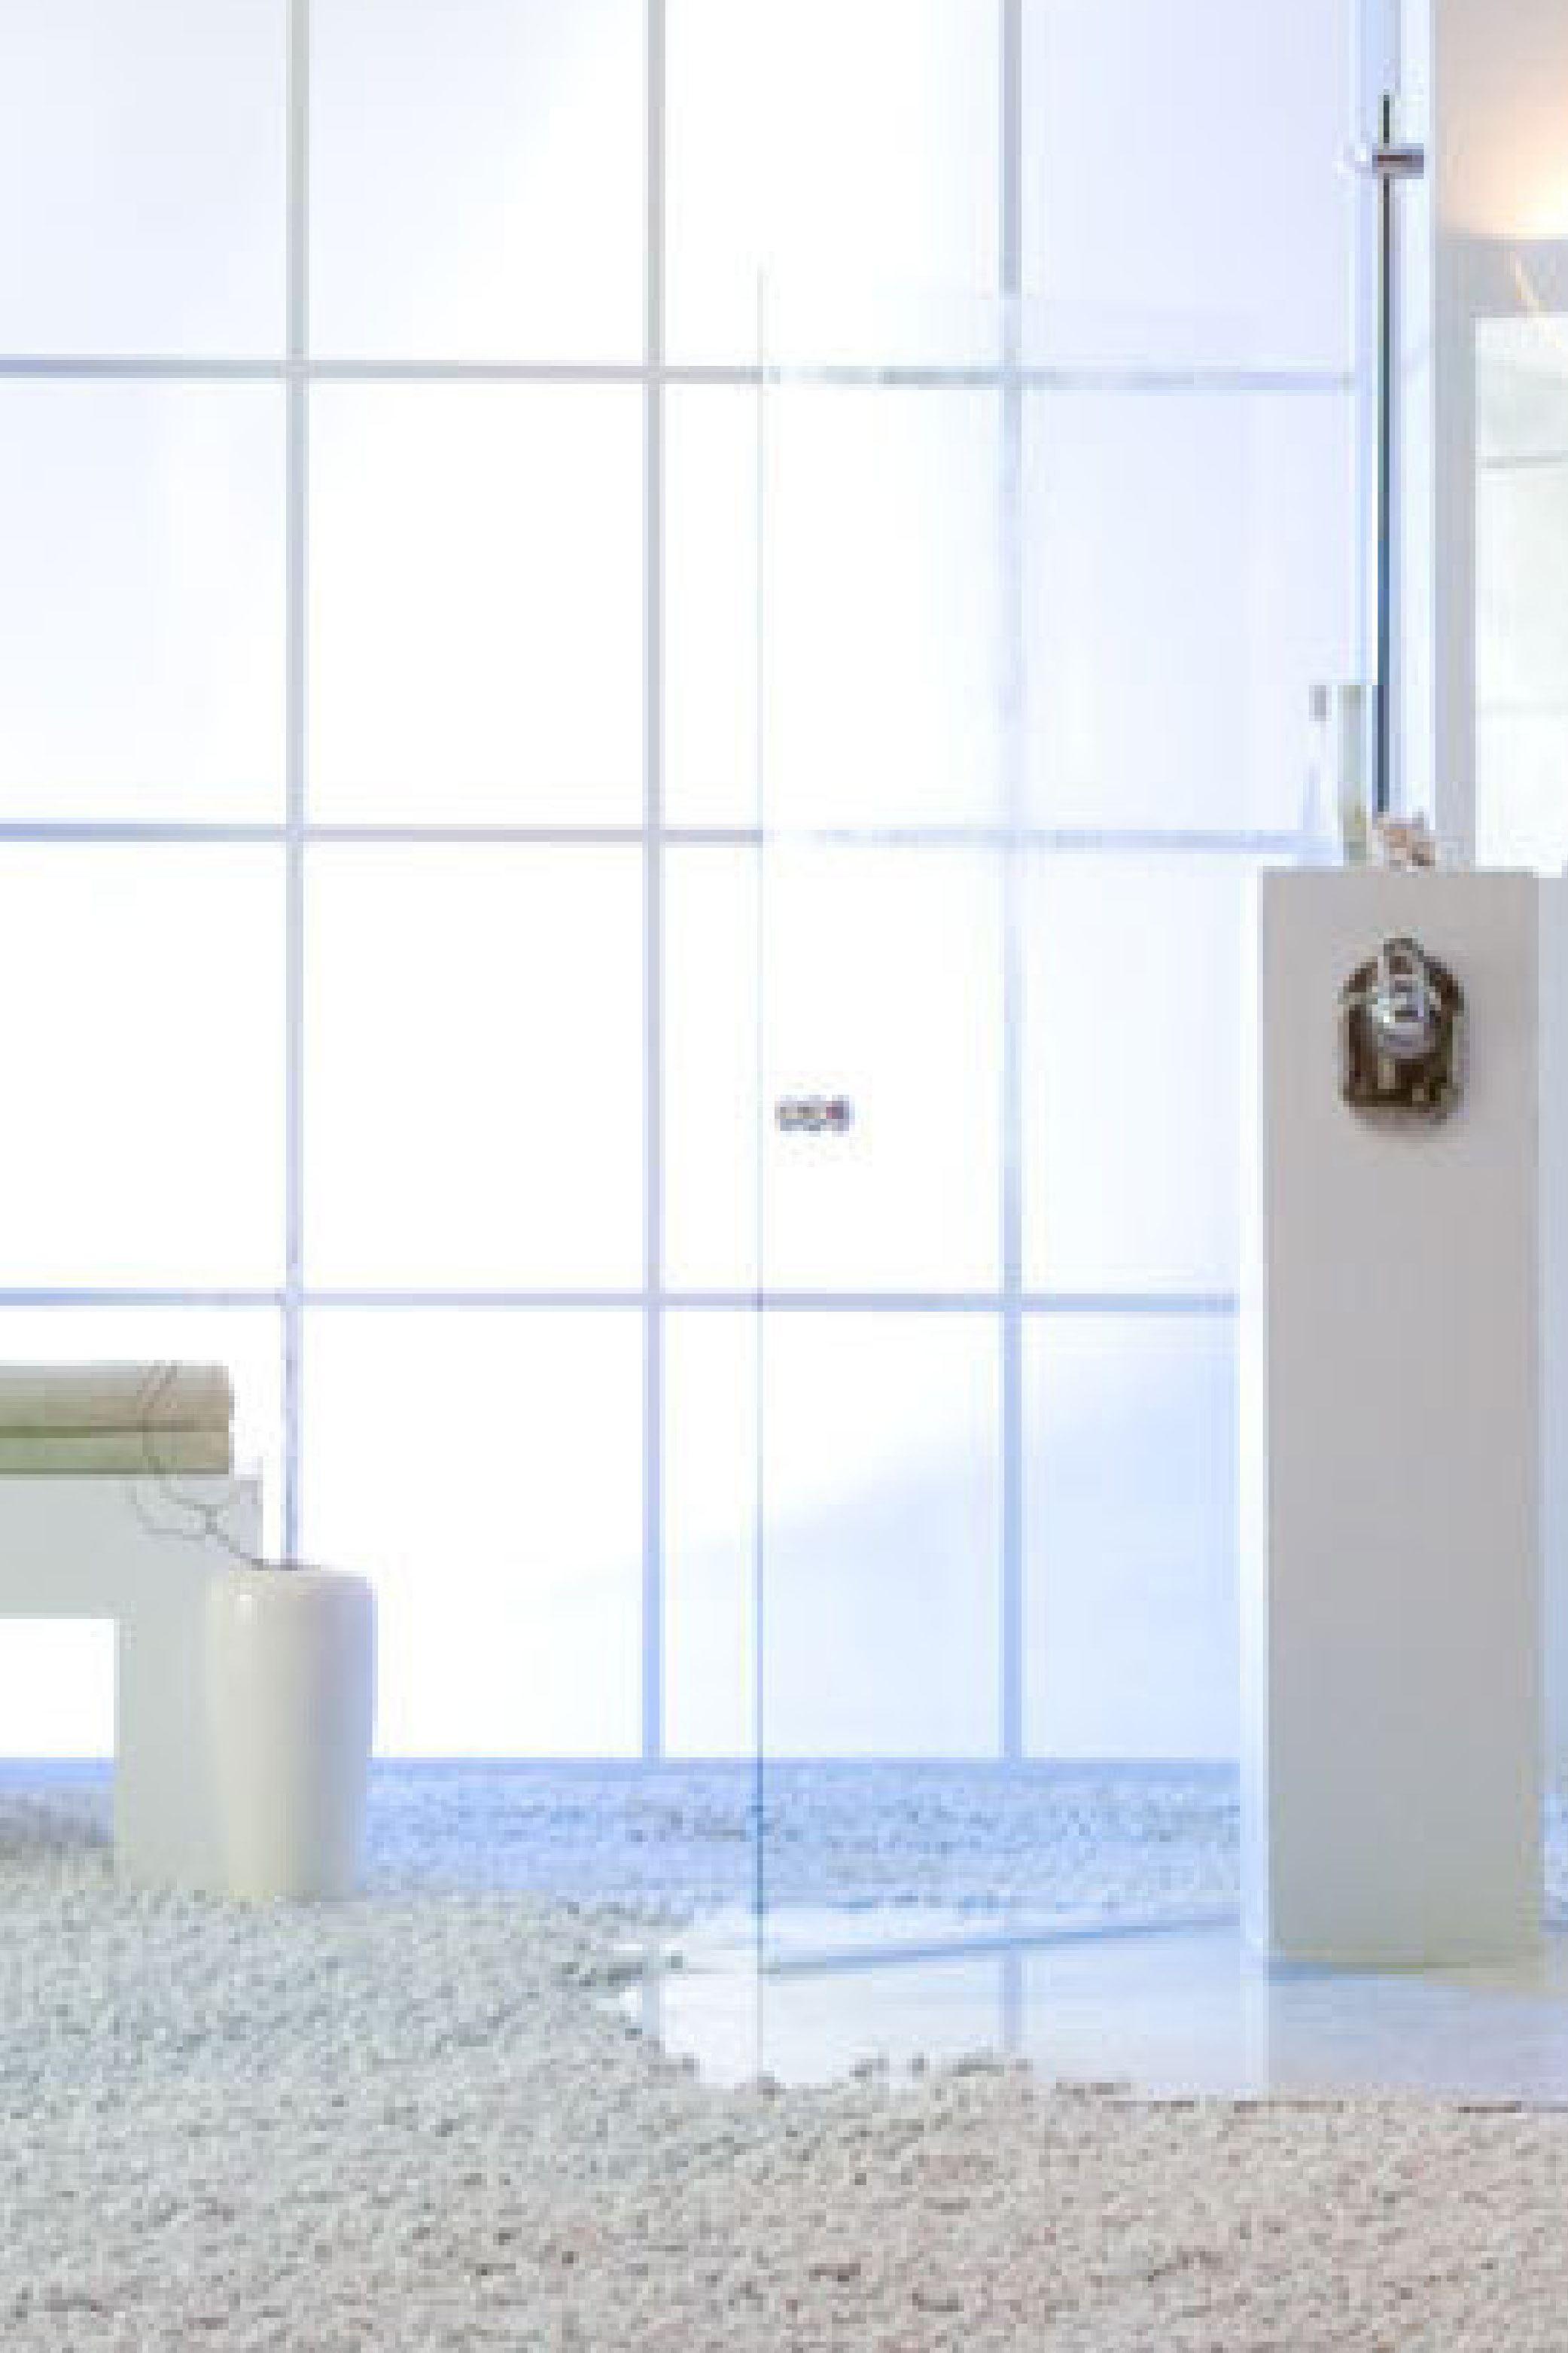 Unsere Sichtschultzfolie Matt Frost In Sandstrahloptik Dient Zur Aussenmontage Und Wahrt Die Privatsphare In Badezimm Badezimmer Design Fensterfolien Bad Design